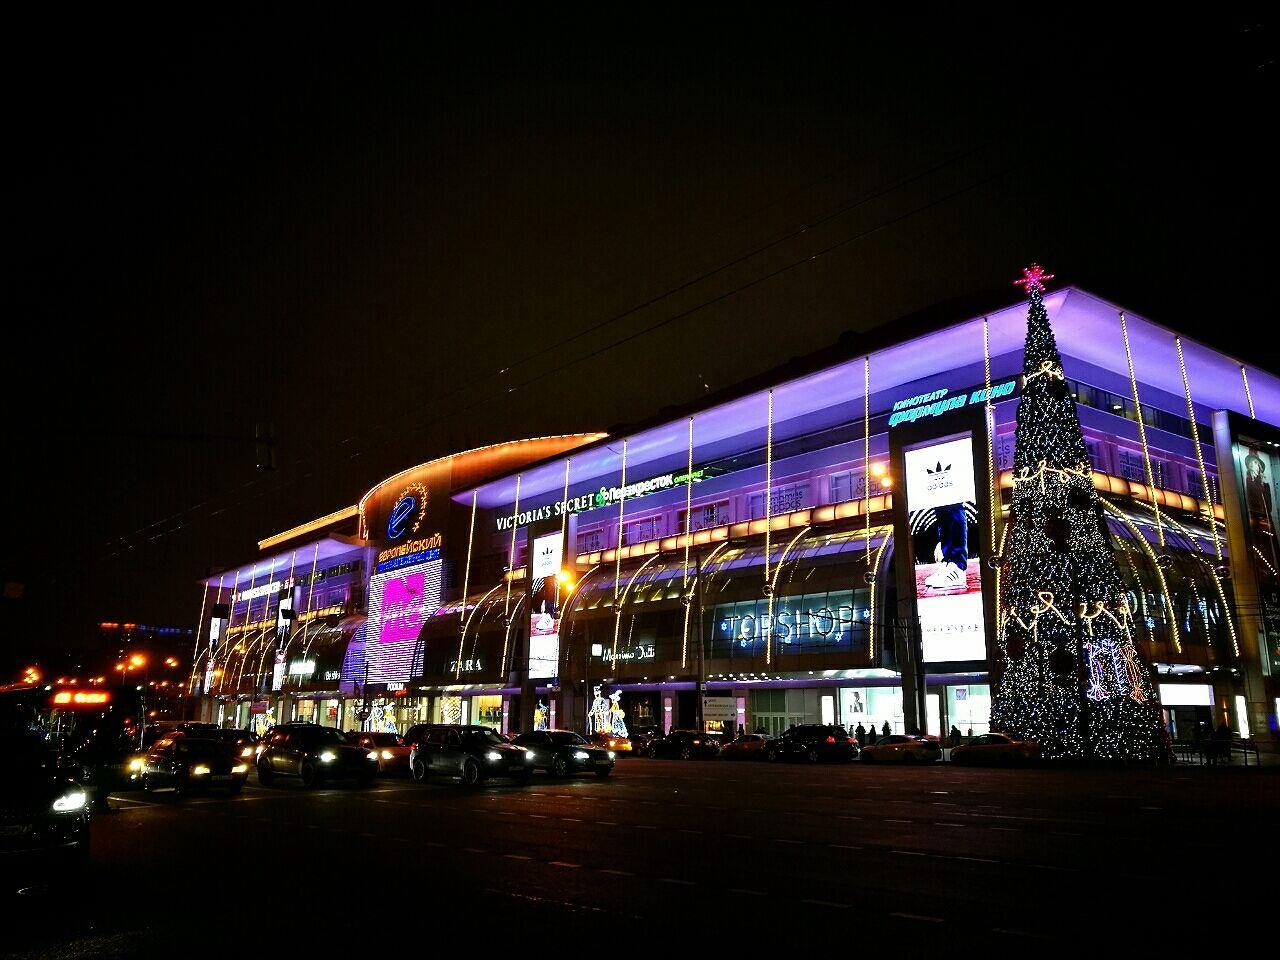 おでかけくそ野郎 @モスクワタグ:ロシアモスクワで30種類以上のクラフトビール / モスクワグルメモスクワ随一の繁華街「キタイゴラド」でなんちゃって日本食 / モスクワグルメモスクワのショッピングモール《キエフスカヤ エブロペイスキー》 / モスクワ観光モスクワシティは近未来 / モスクワ観光グム百貨店はクリスマス模様 / モスクワ観光